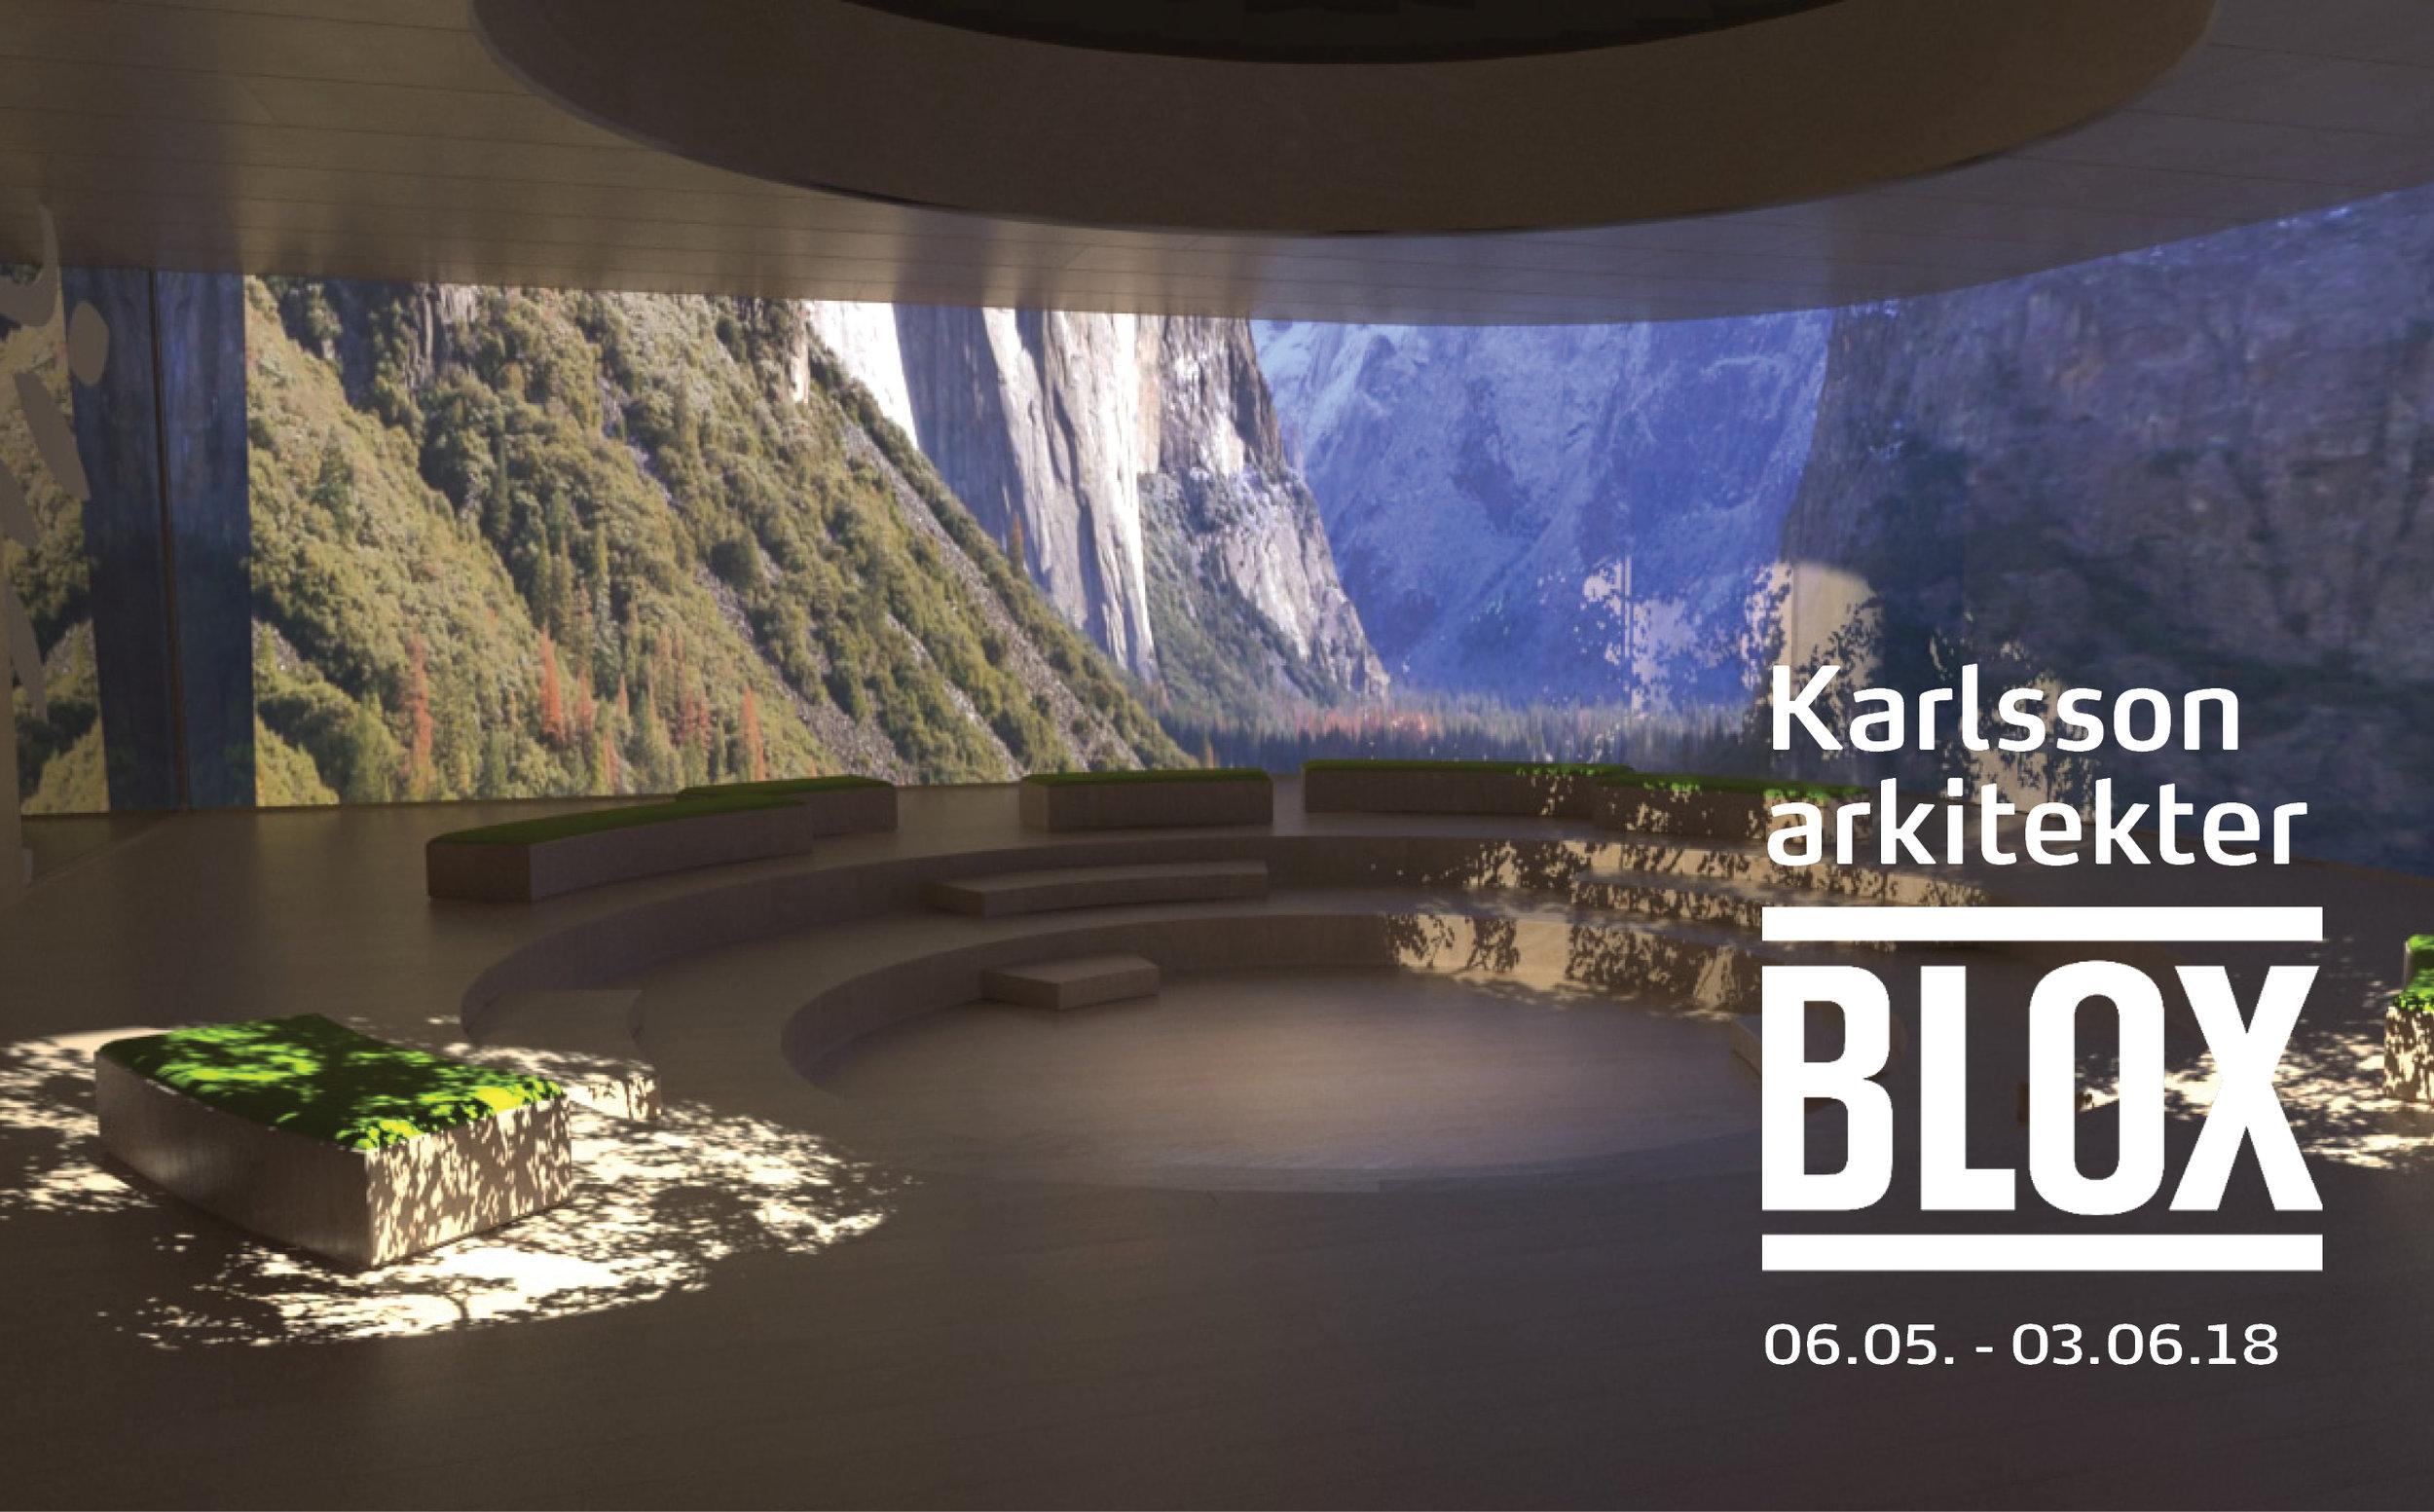 Karlsson arkitekter_BLOX.jpg